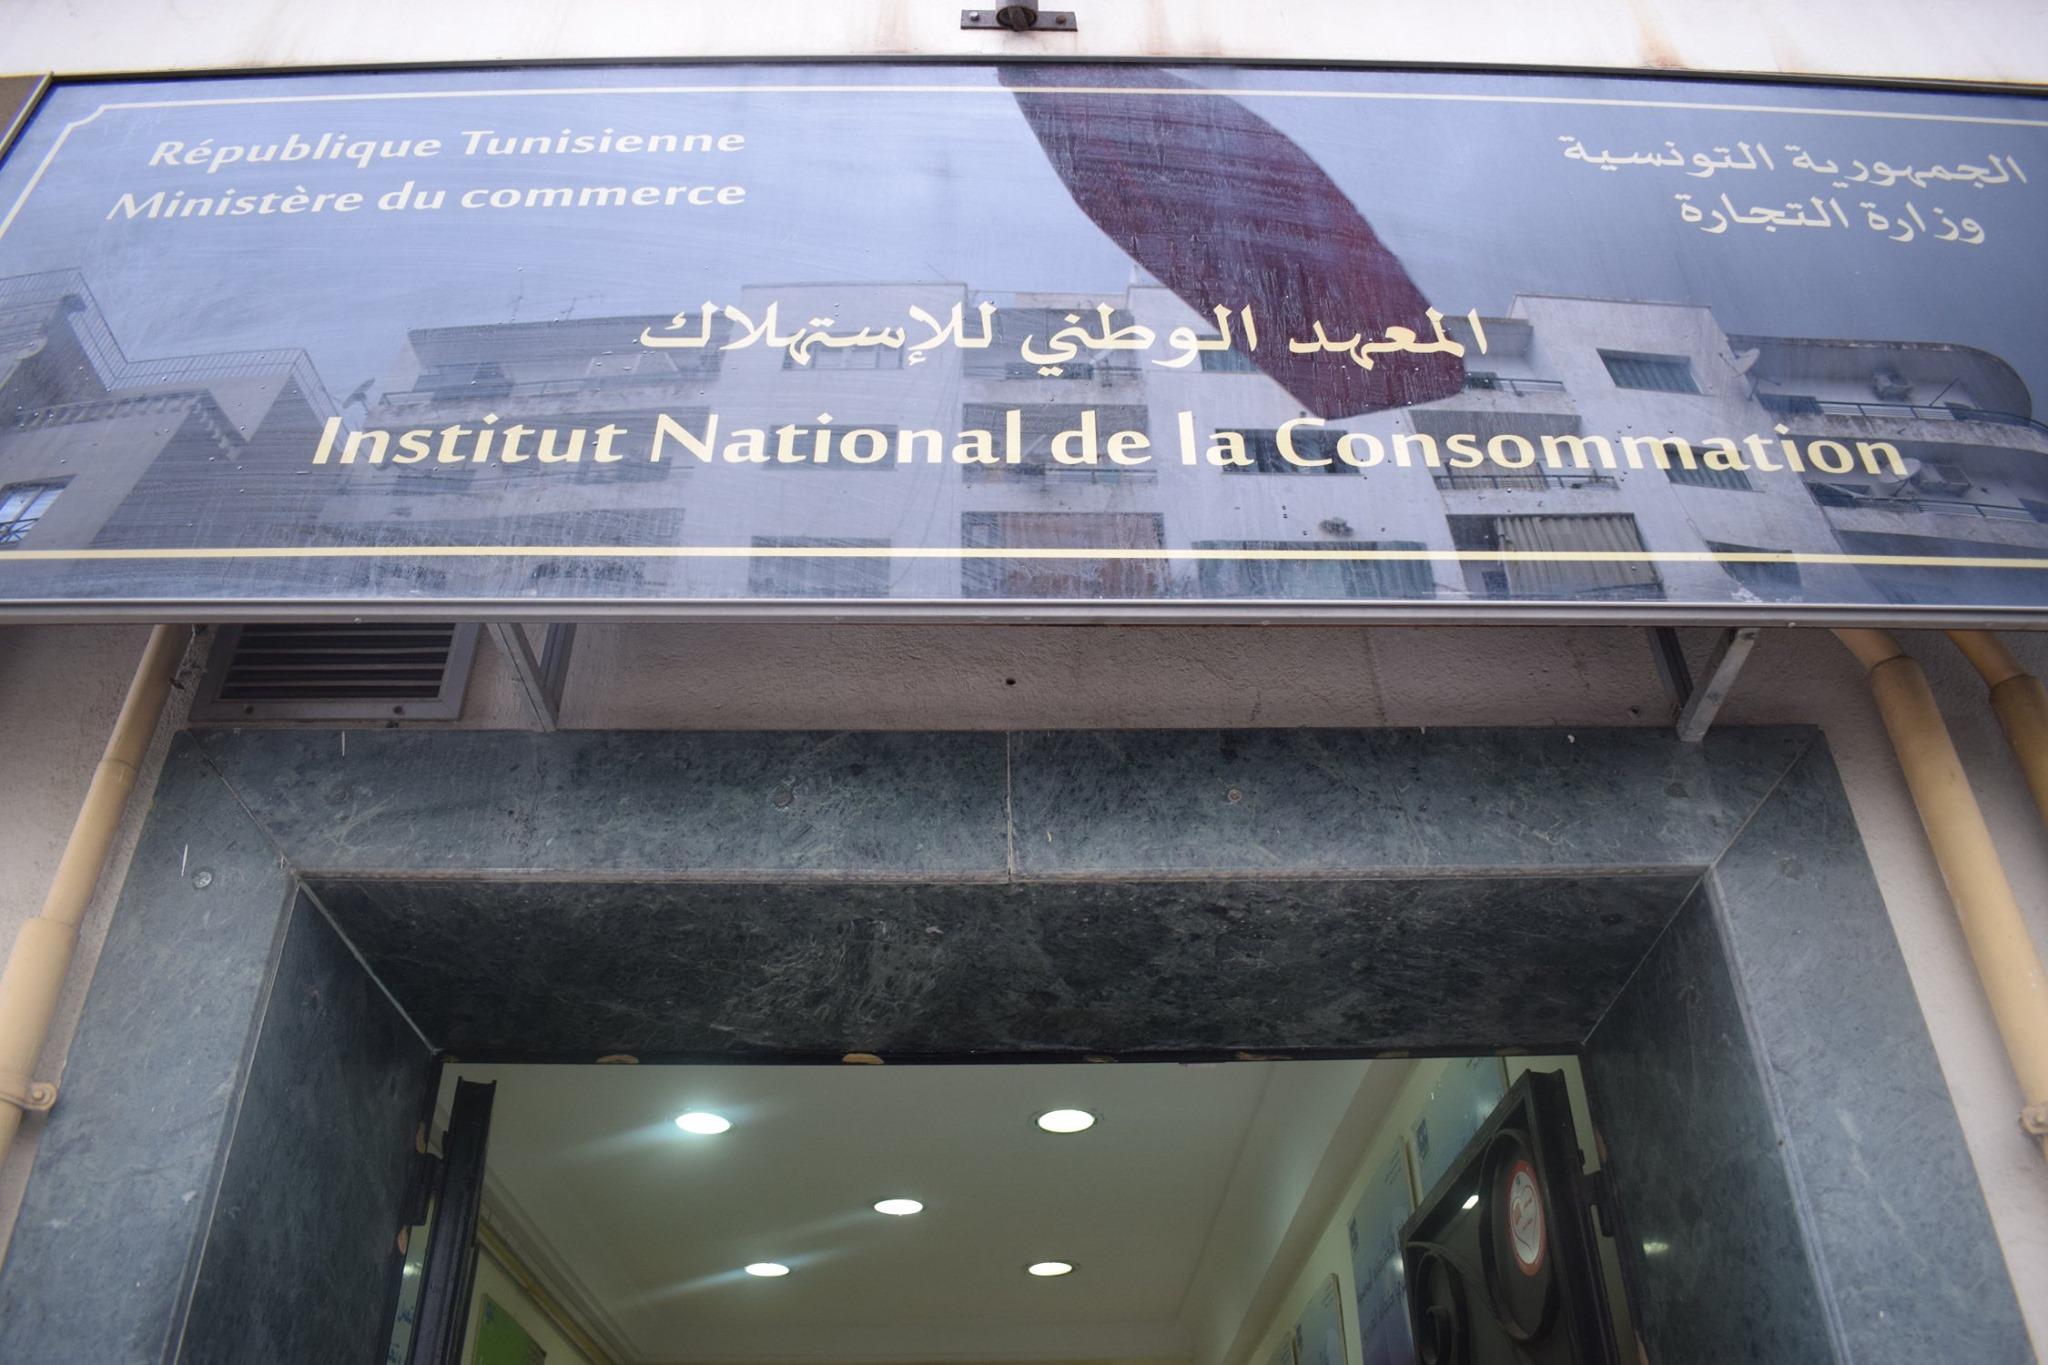 المعهد الوطني للإستهلاك